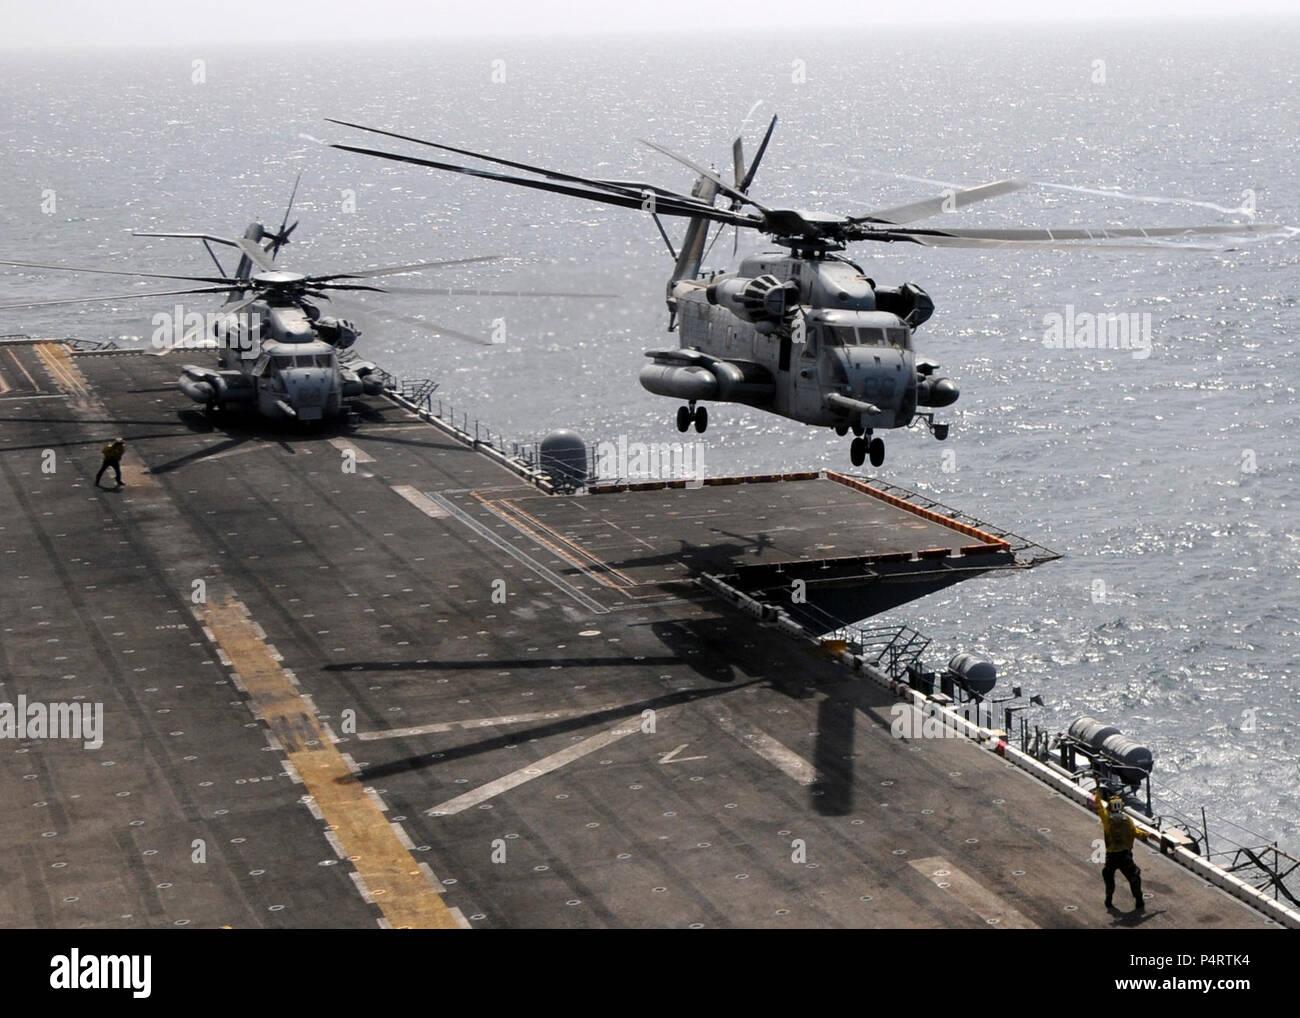 Un U.S. Marine Corps CH-53E Super Stallion elicottero assegnato ad elicottero medio marino Squadron (HMM) 165 prende il largo da il ponte di volo della USS Peleliu (LHA 5) con Marines a bordo che sosterrà i soccorsi alle vittime delle inondazioni in Pakistan il Agosto 12, 2010, nel Mare Arabico. Foto Stock